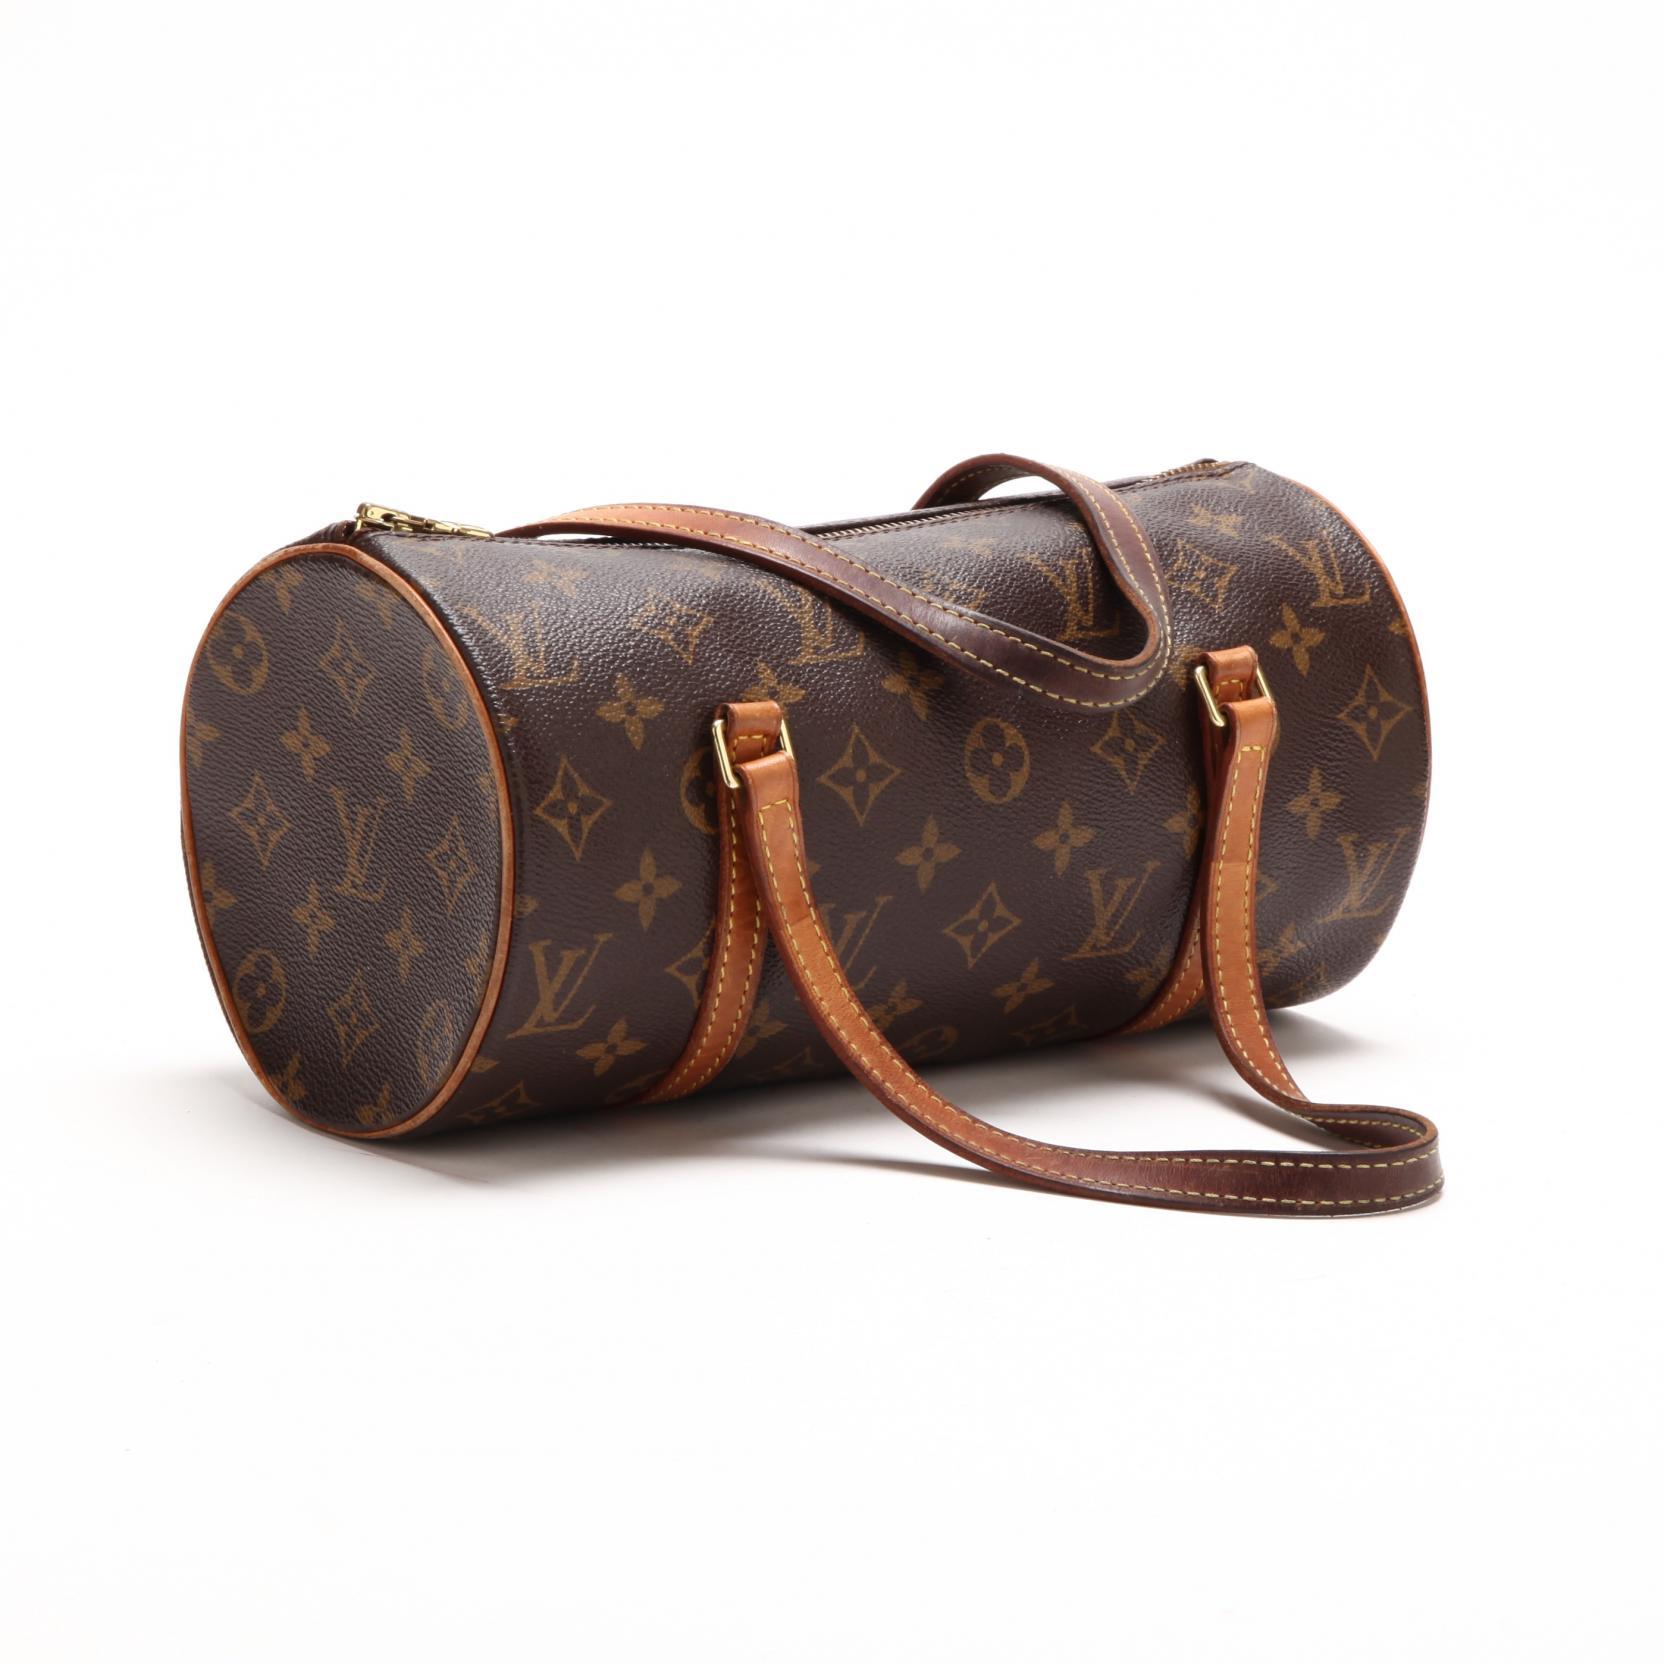 monogram-canvas-handbag-i-papillon-i-louis-vuitton